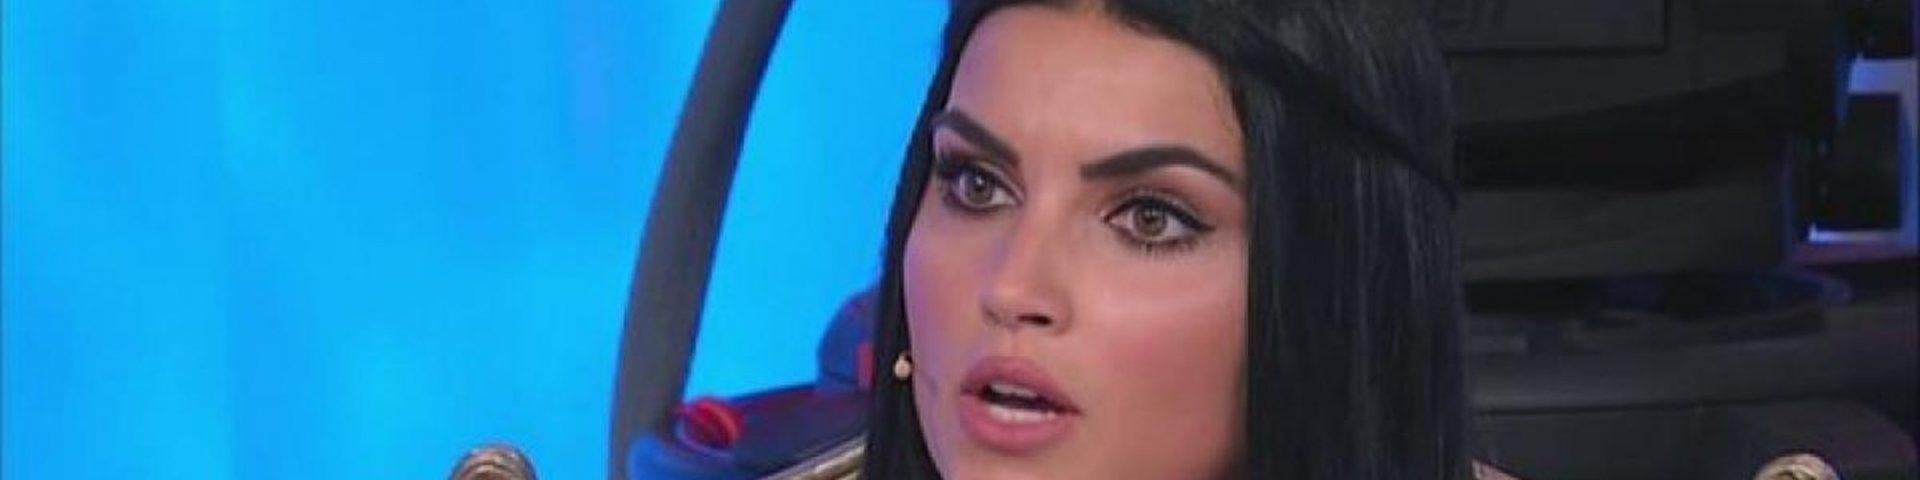 Teresa Langella a Sanremo 2019 dopo Uomini e Donne?